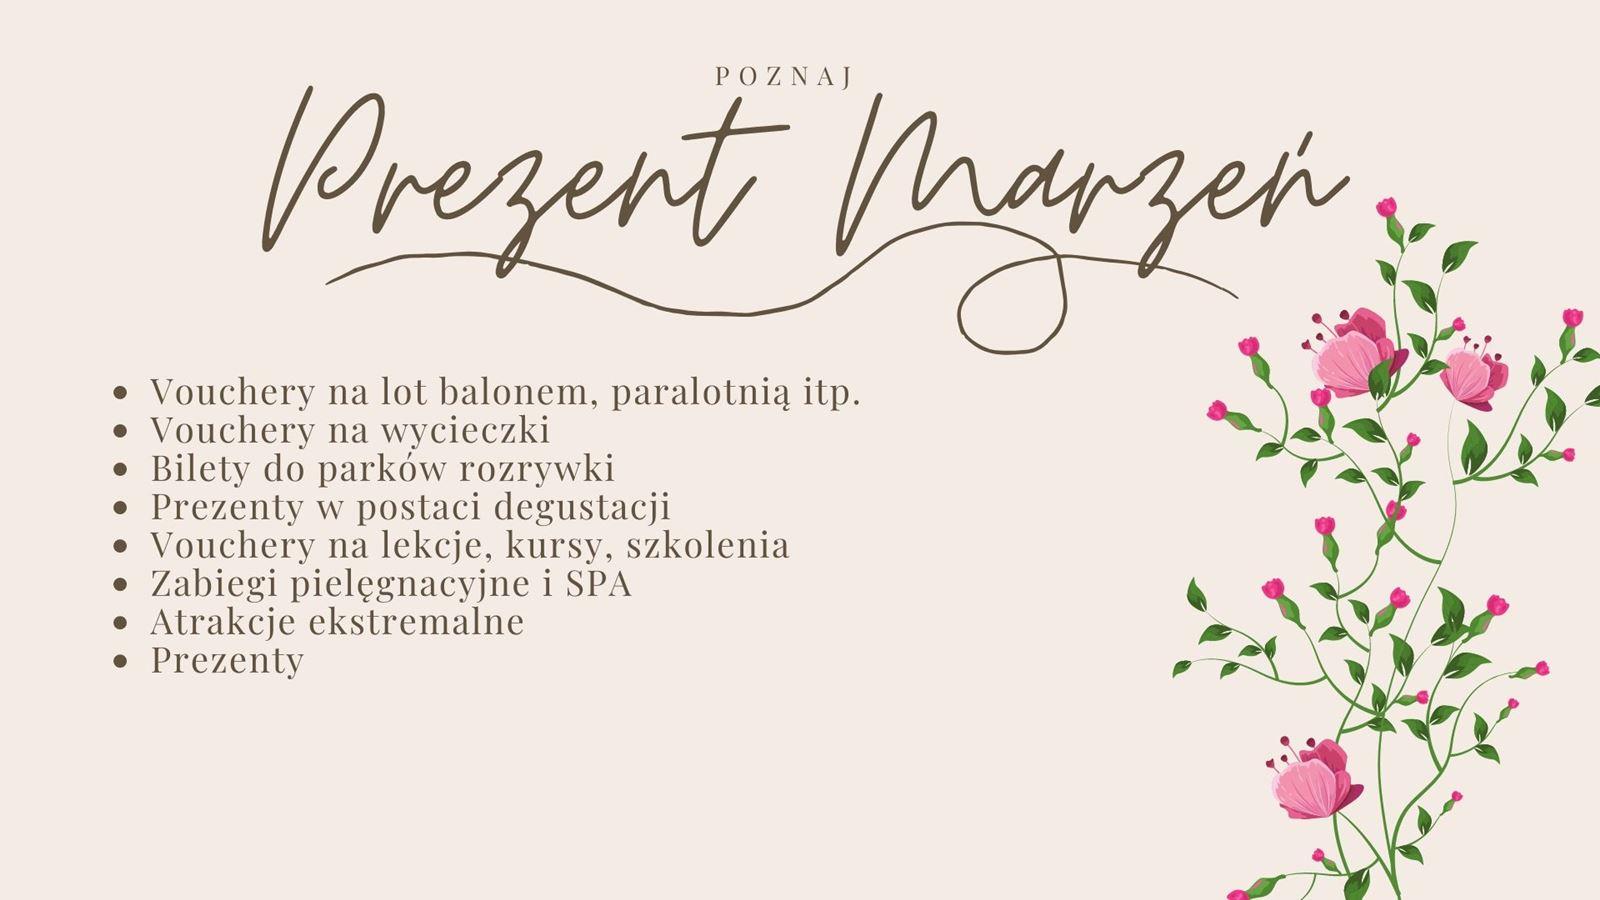 2 Jak zaprojektować własną torebkę. Szycie torebek według swojego projektu. Prezent marzeń - pomysł na niebanalny prezent dla blogerki, dziewczyny, mamy, siostry, koleżanki, przyjaciółki. Torebki polska marka MANA MANA jakośc opinie, gdzie kupić, ile kosztuje